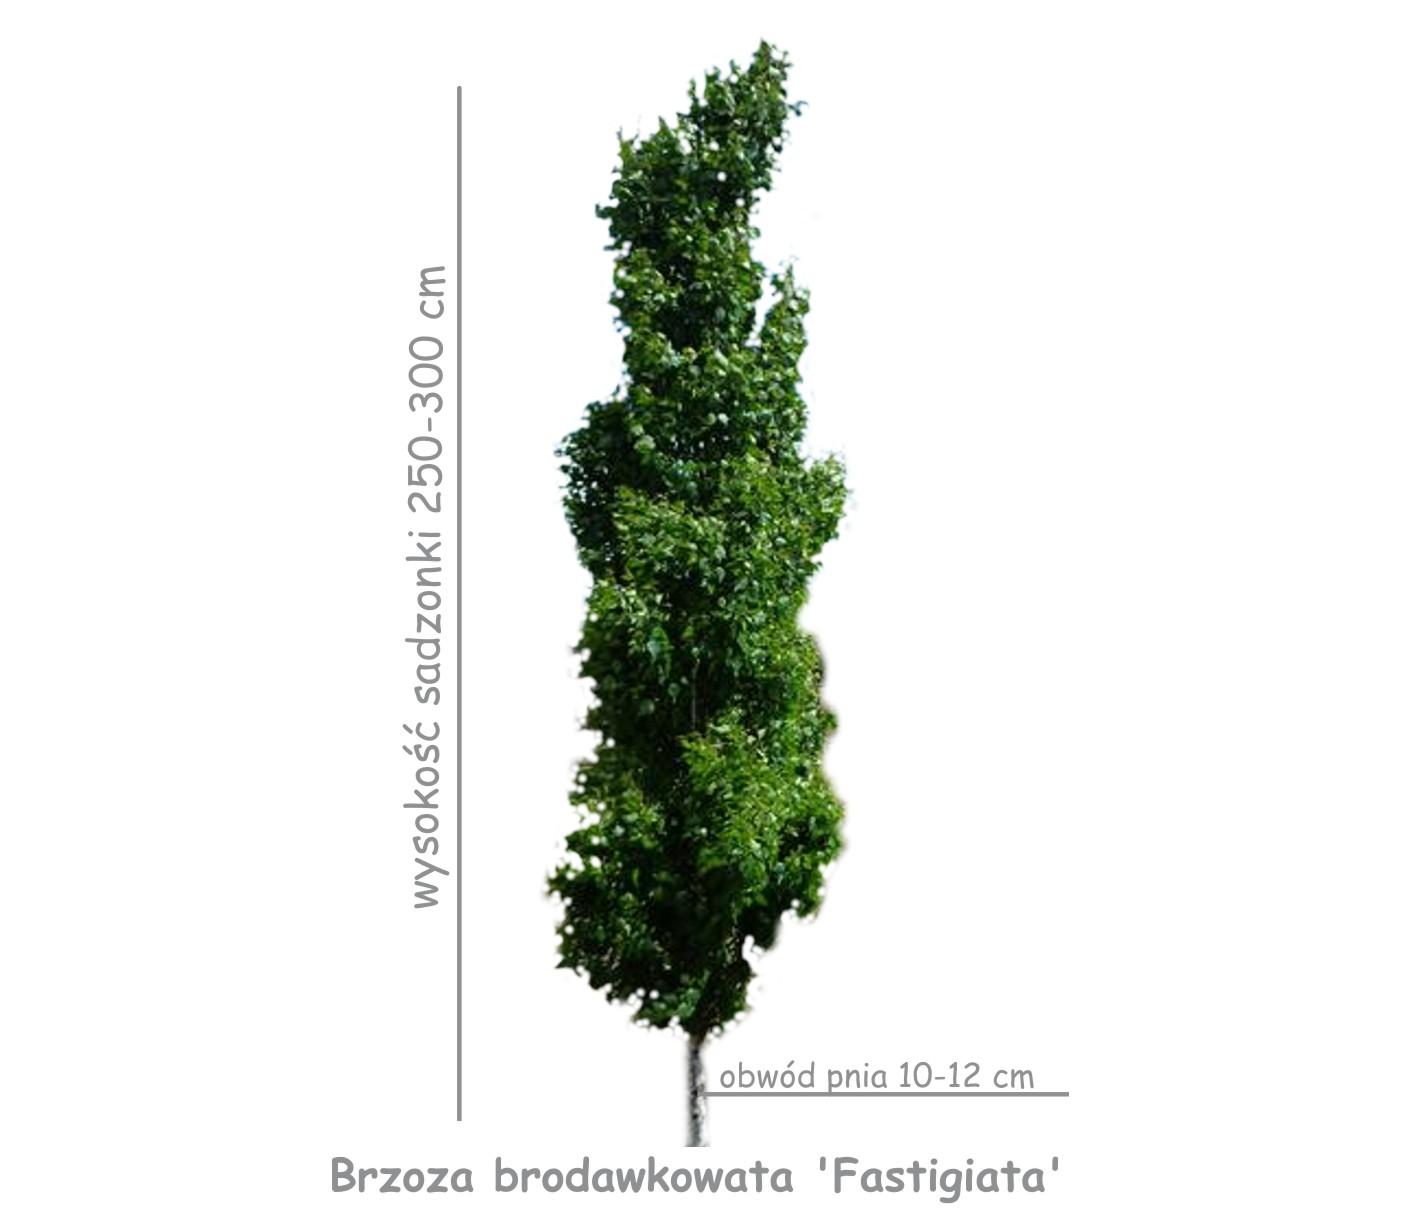 Brzoza brodawkowata 'Fastigiata' (Betula pendula) obwód pnia 10-12 cm